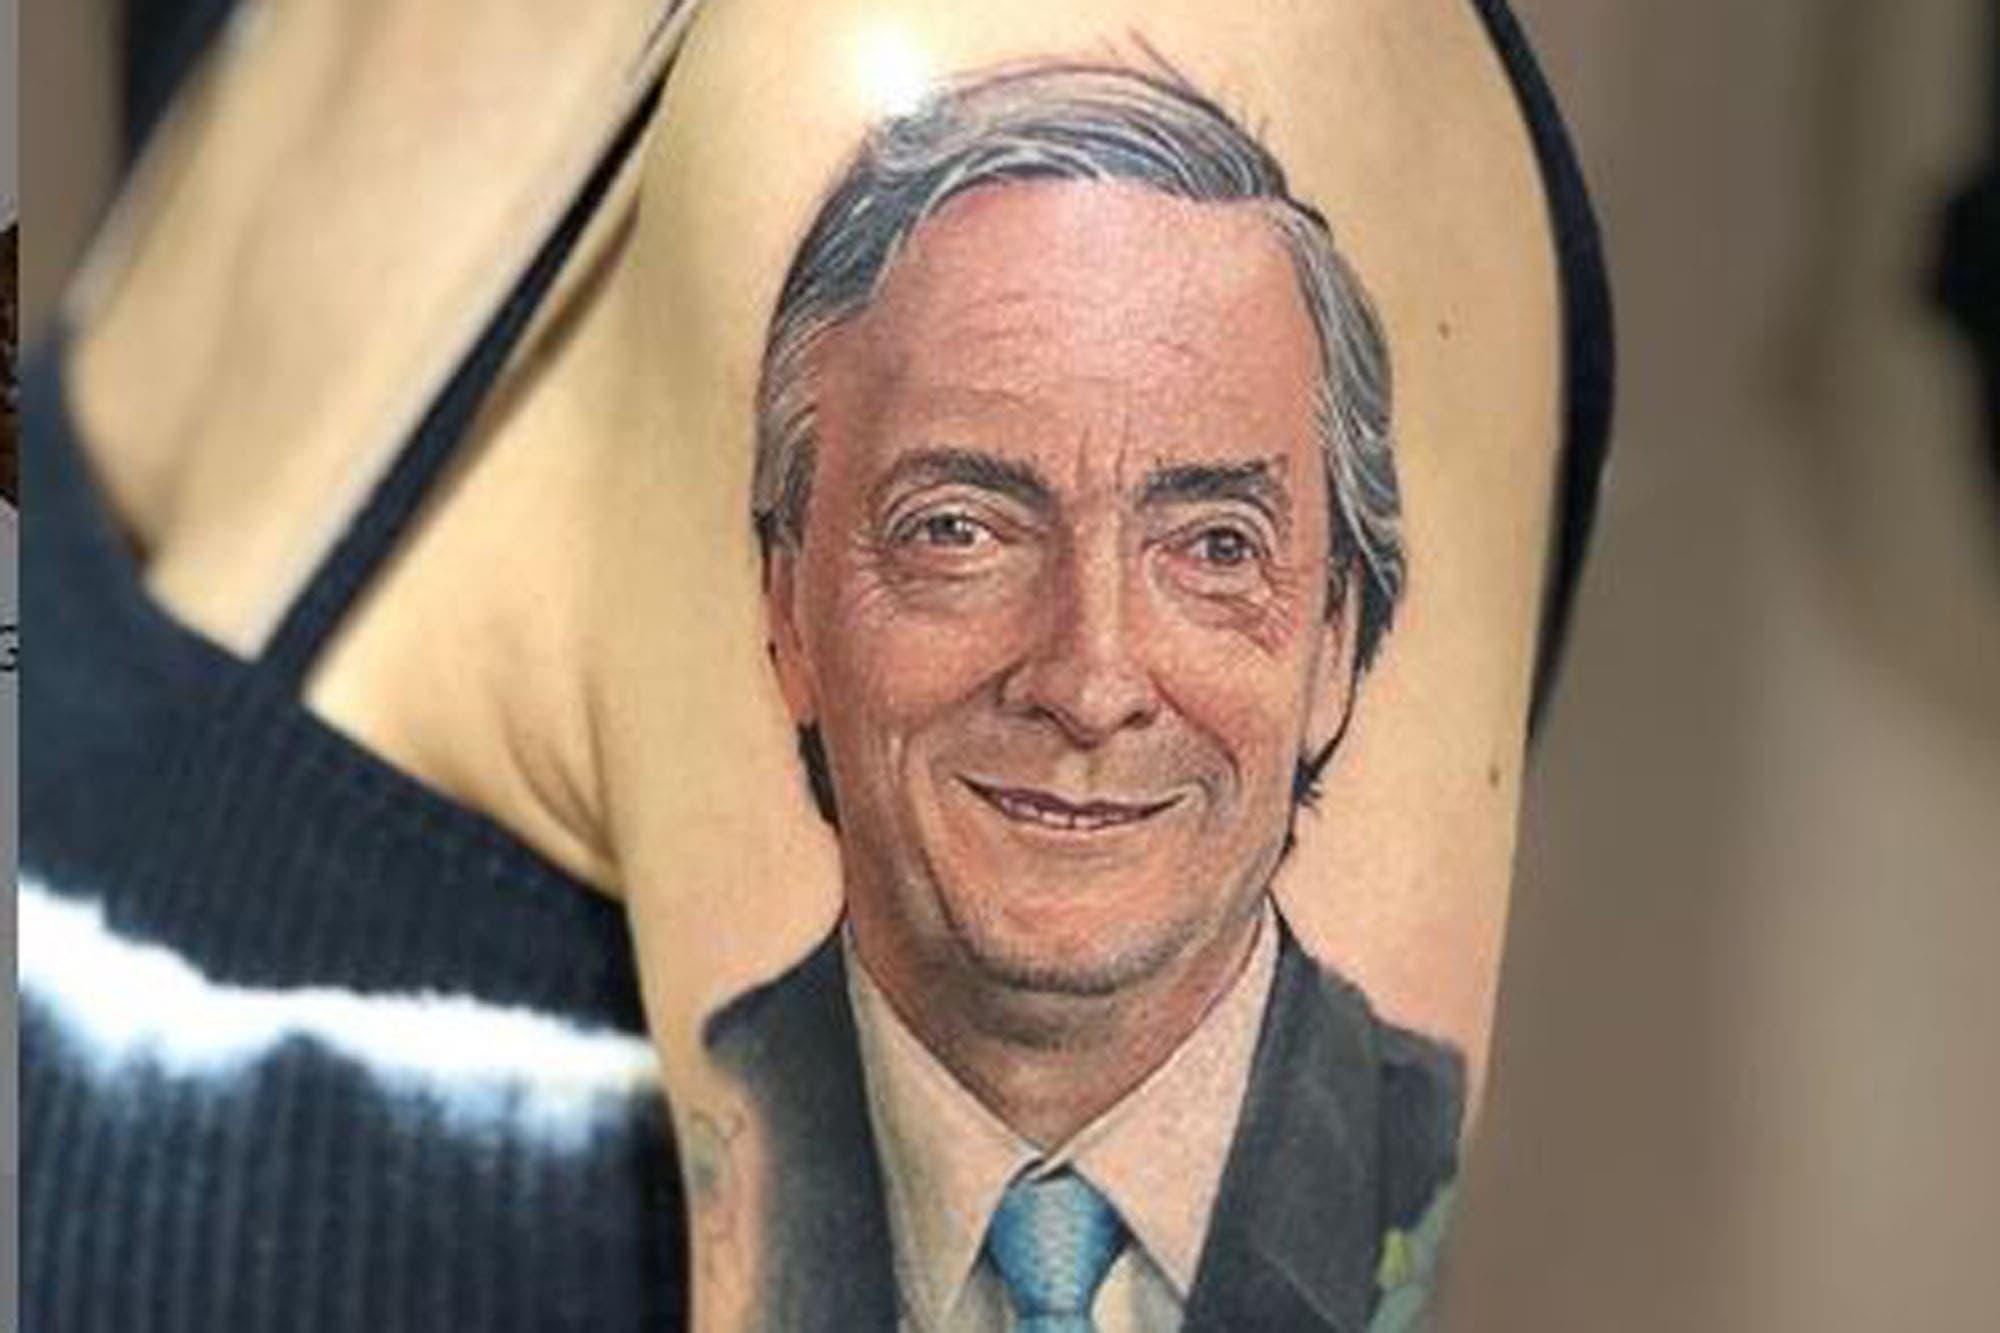 La intendenta electa de Quilmes mostró un impactante tatuaje con la cara de Kirchner